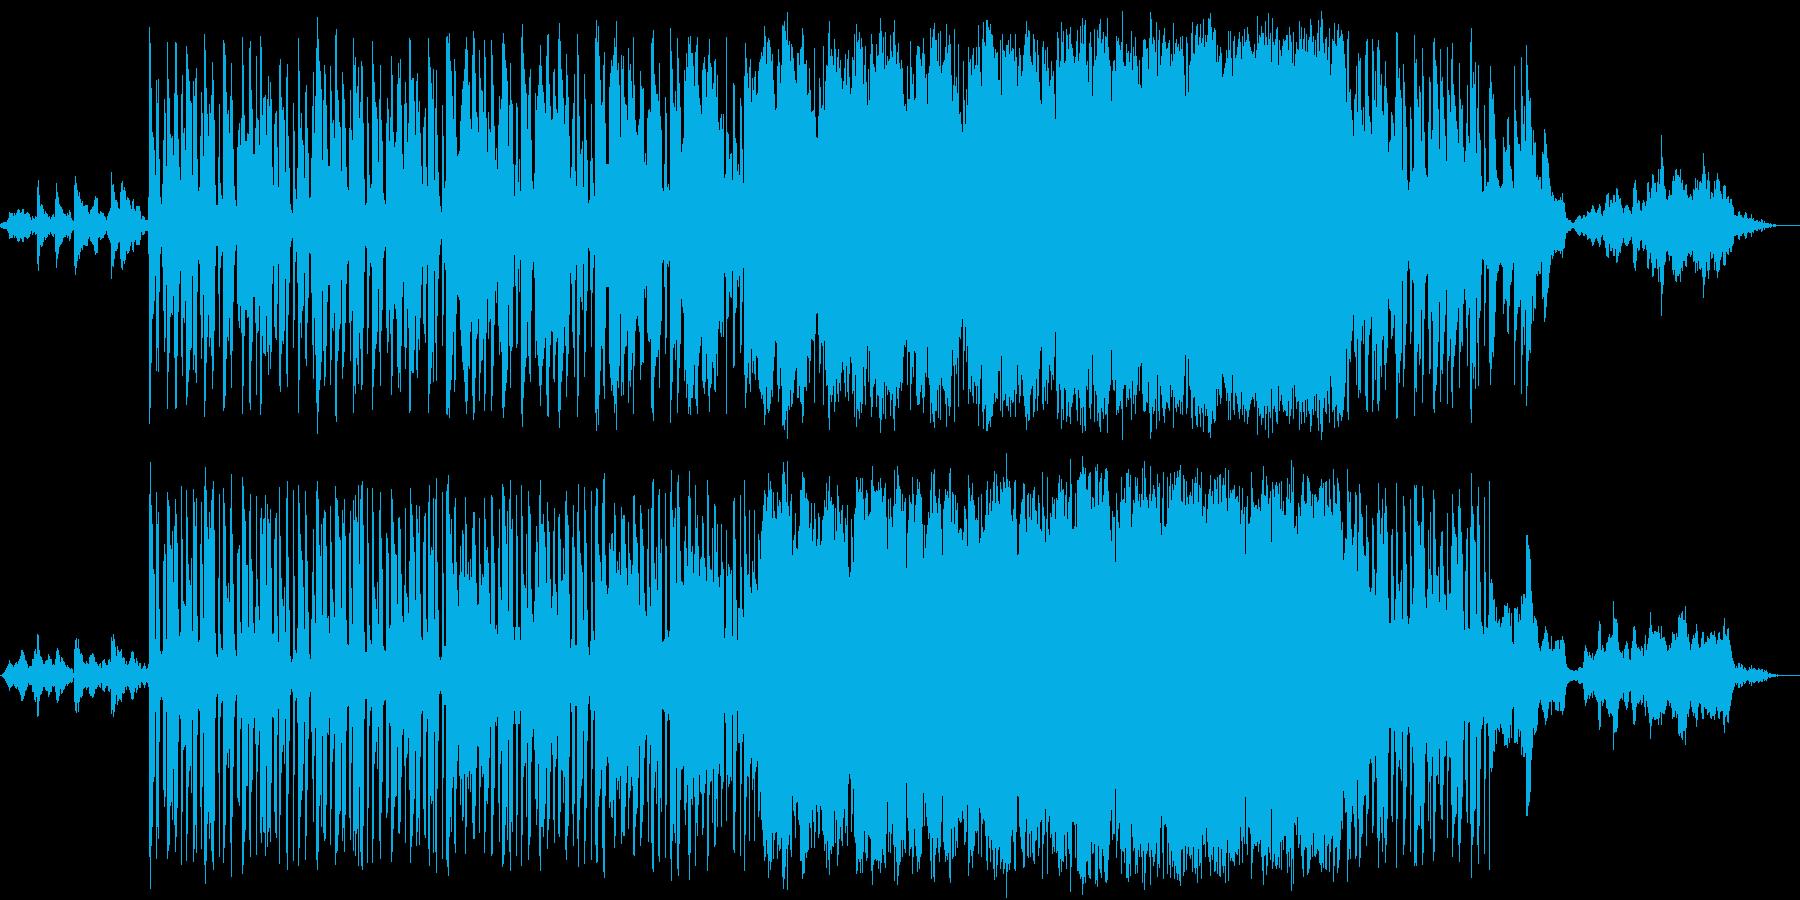 夜の空を駆けるイメージ曲の再生済みの波形